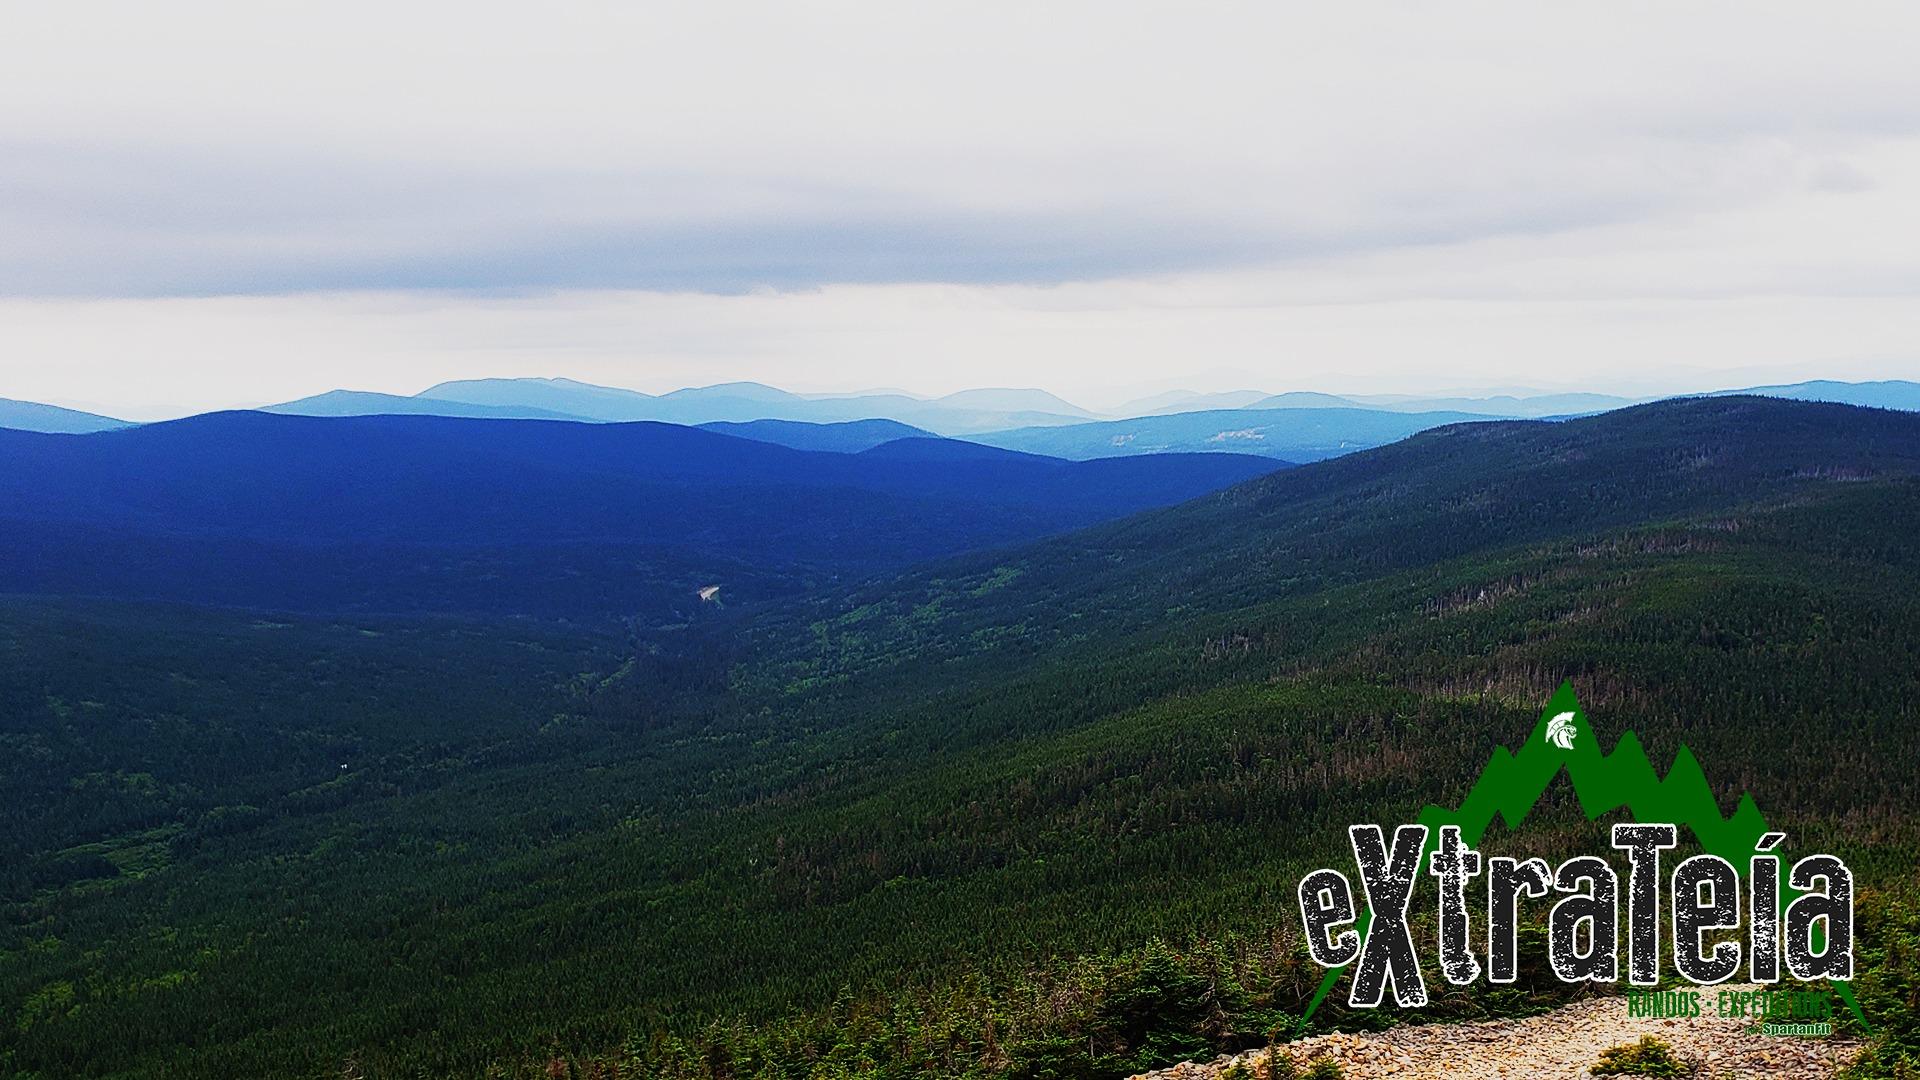 © Extrateia par SpartanFit | Guide de randonnée | Mont Gosford